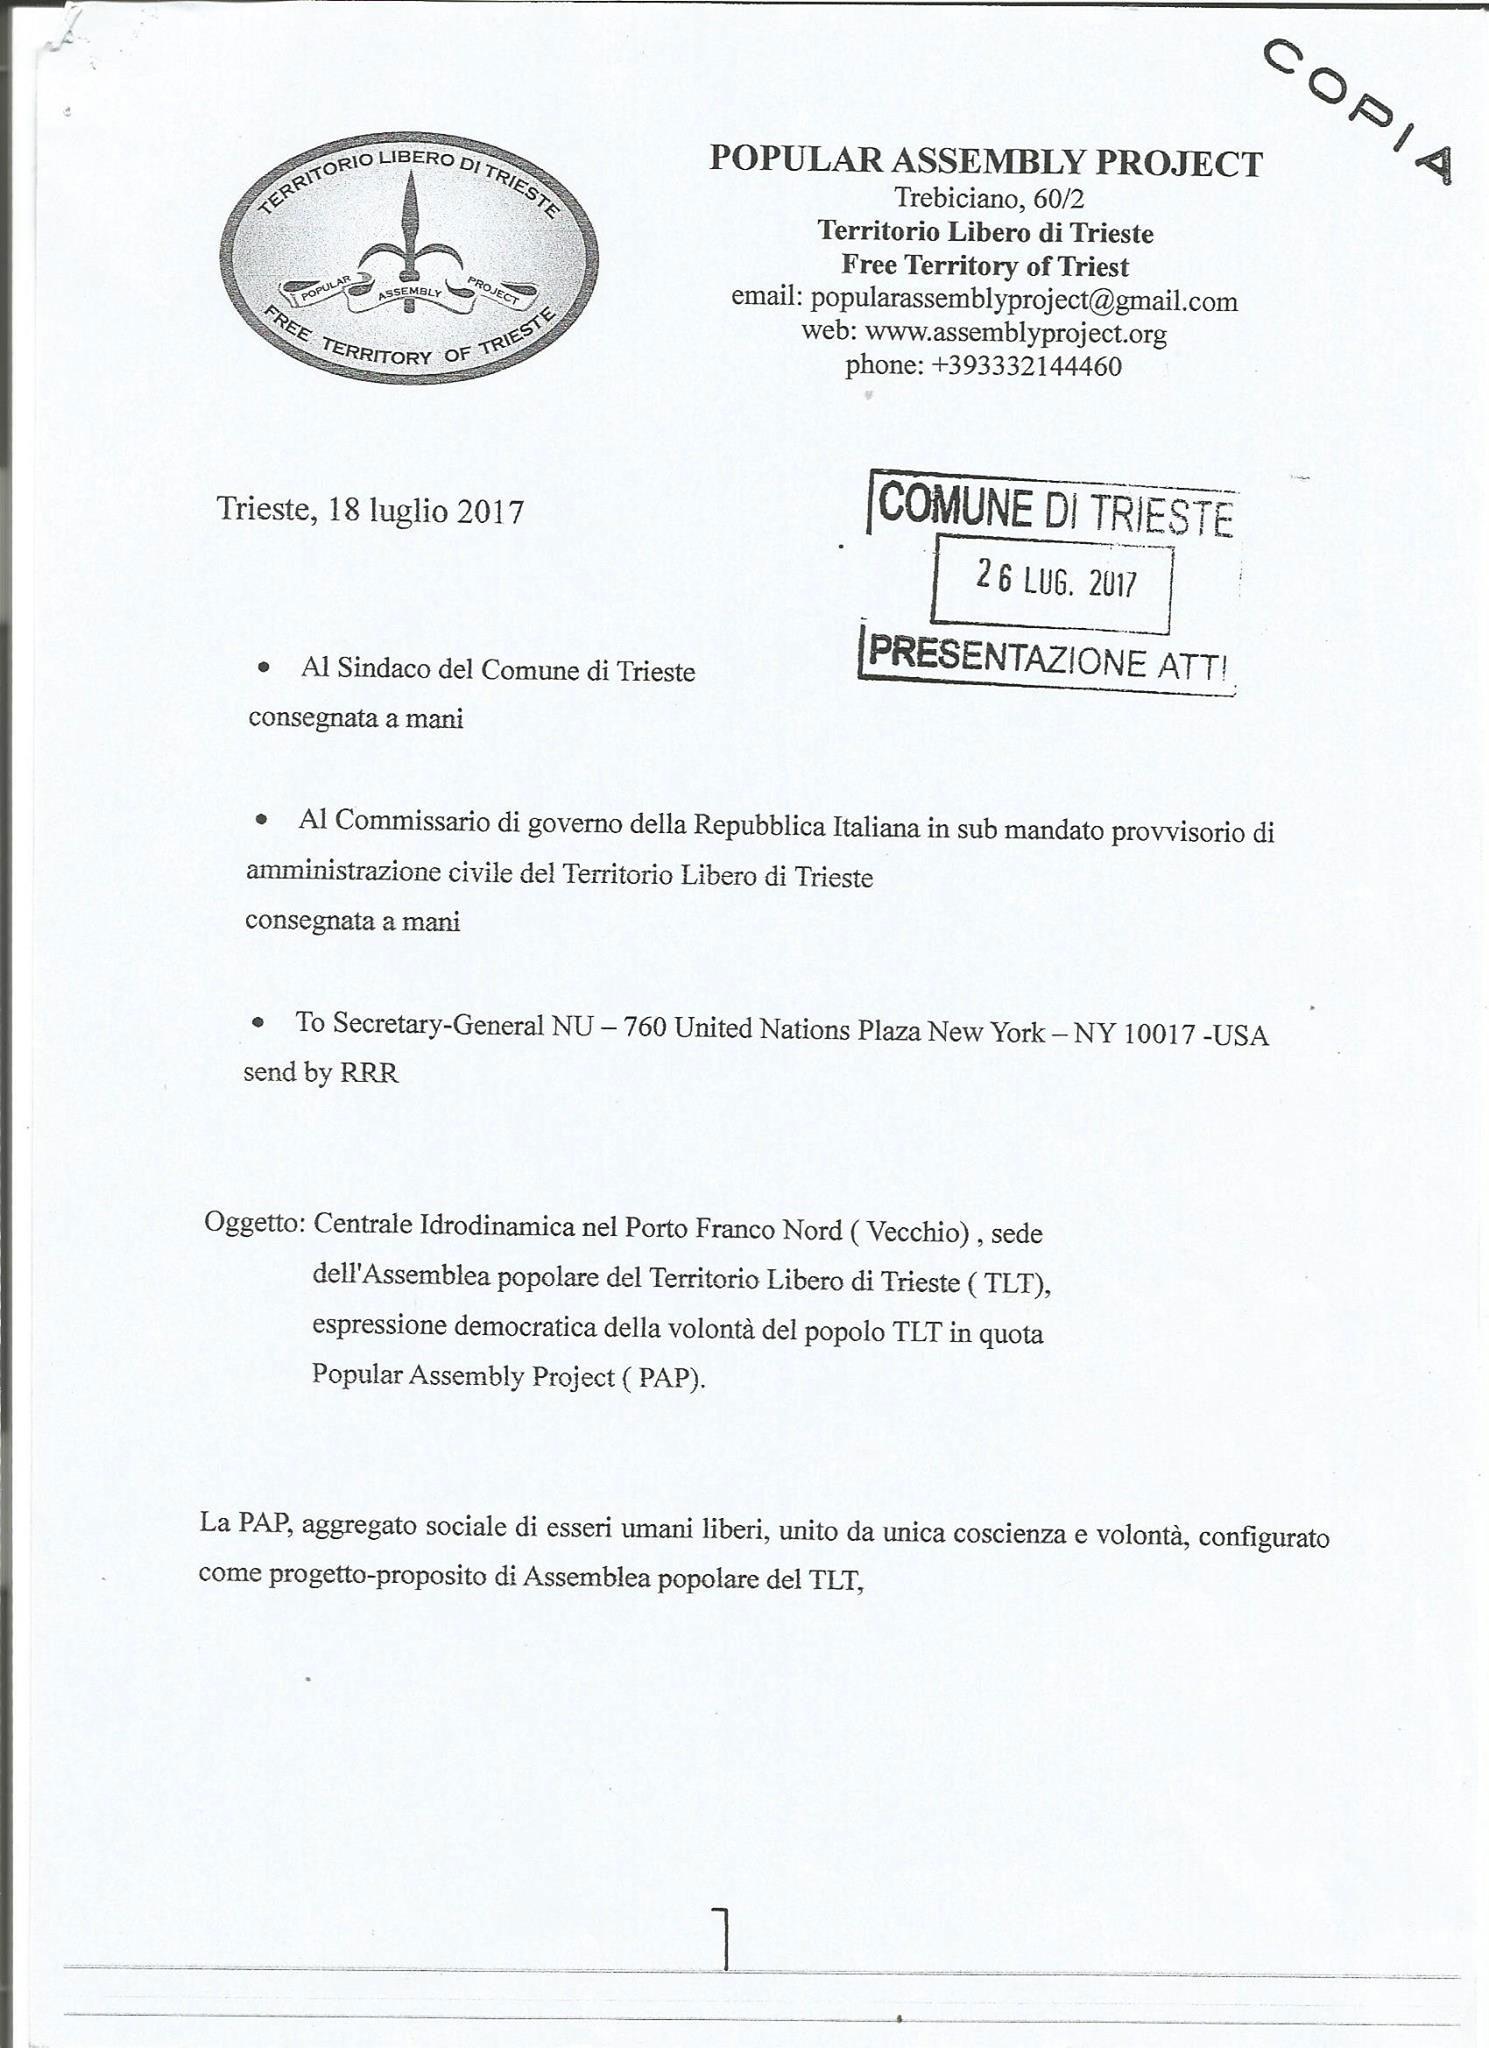 lettera richiesta sede Assemblea Popolare in Porto Vecchio a Trieste